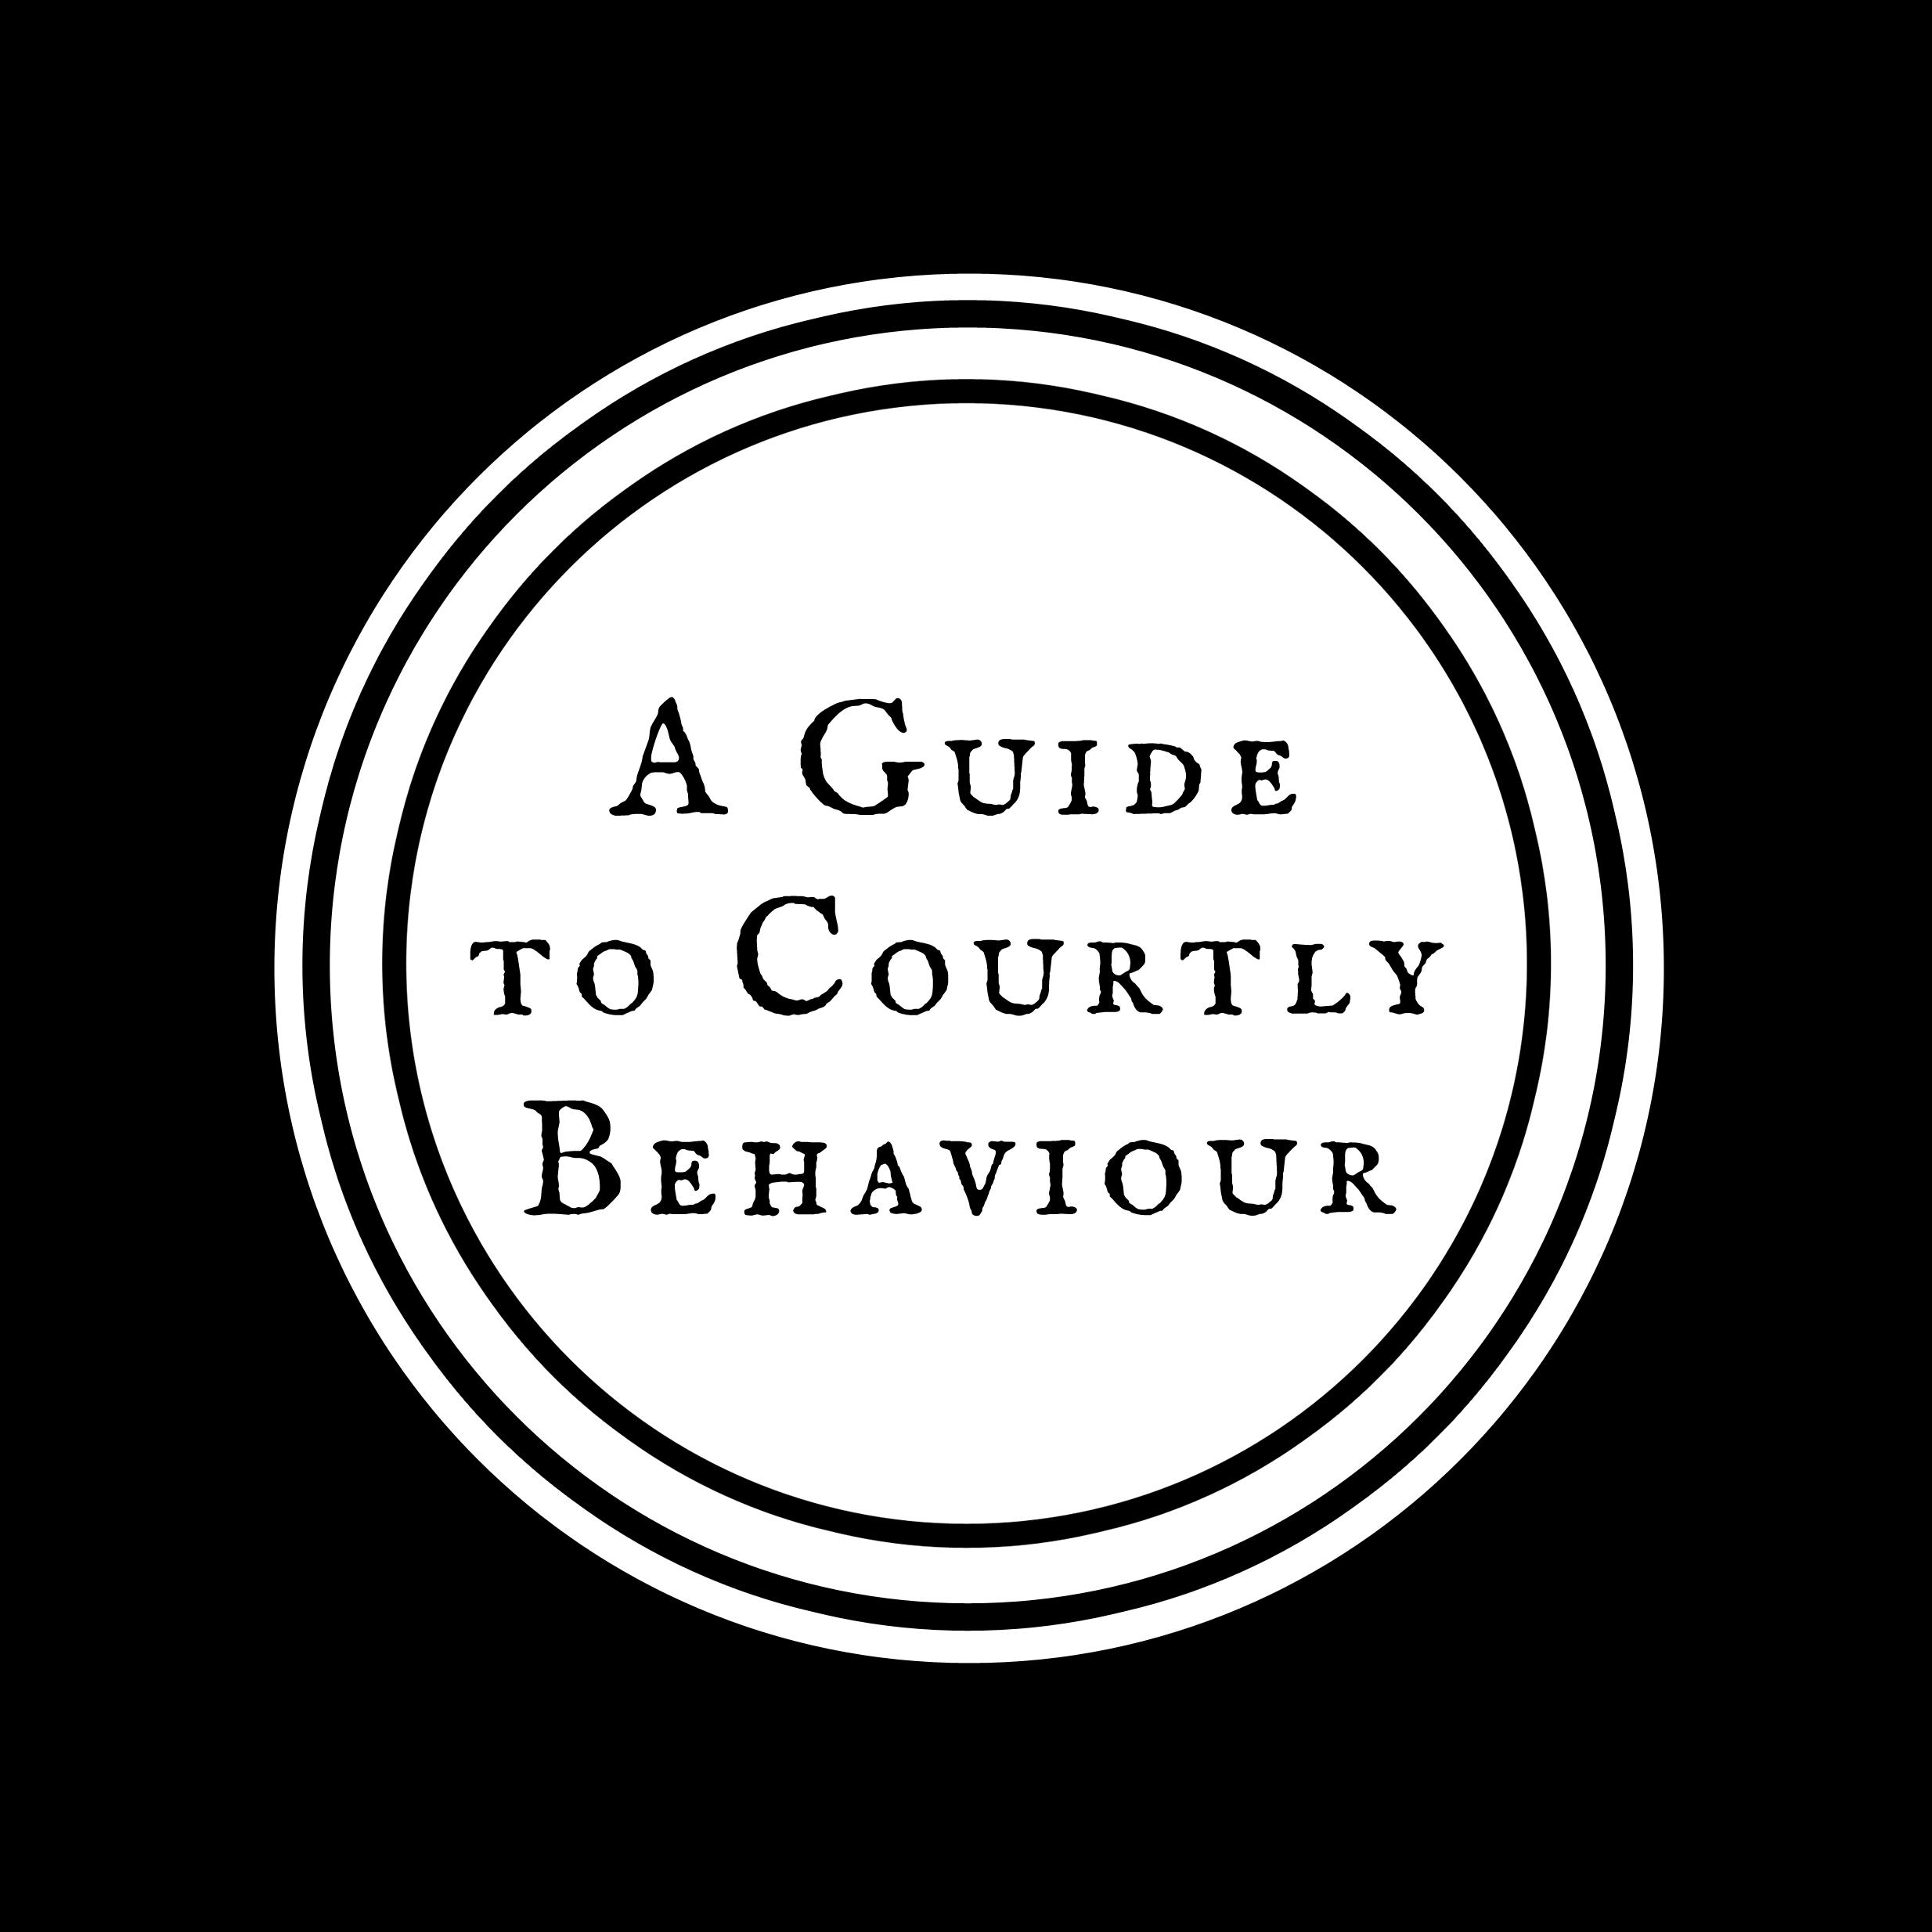 gobo-A-guide.jpg